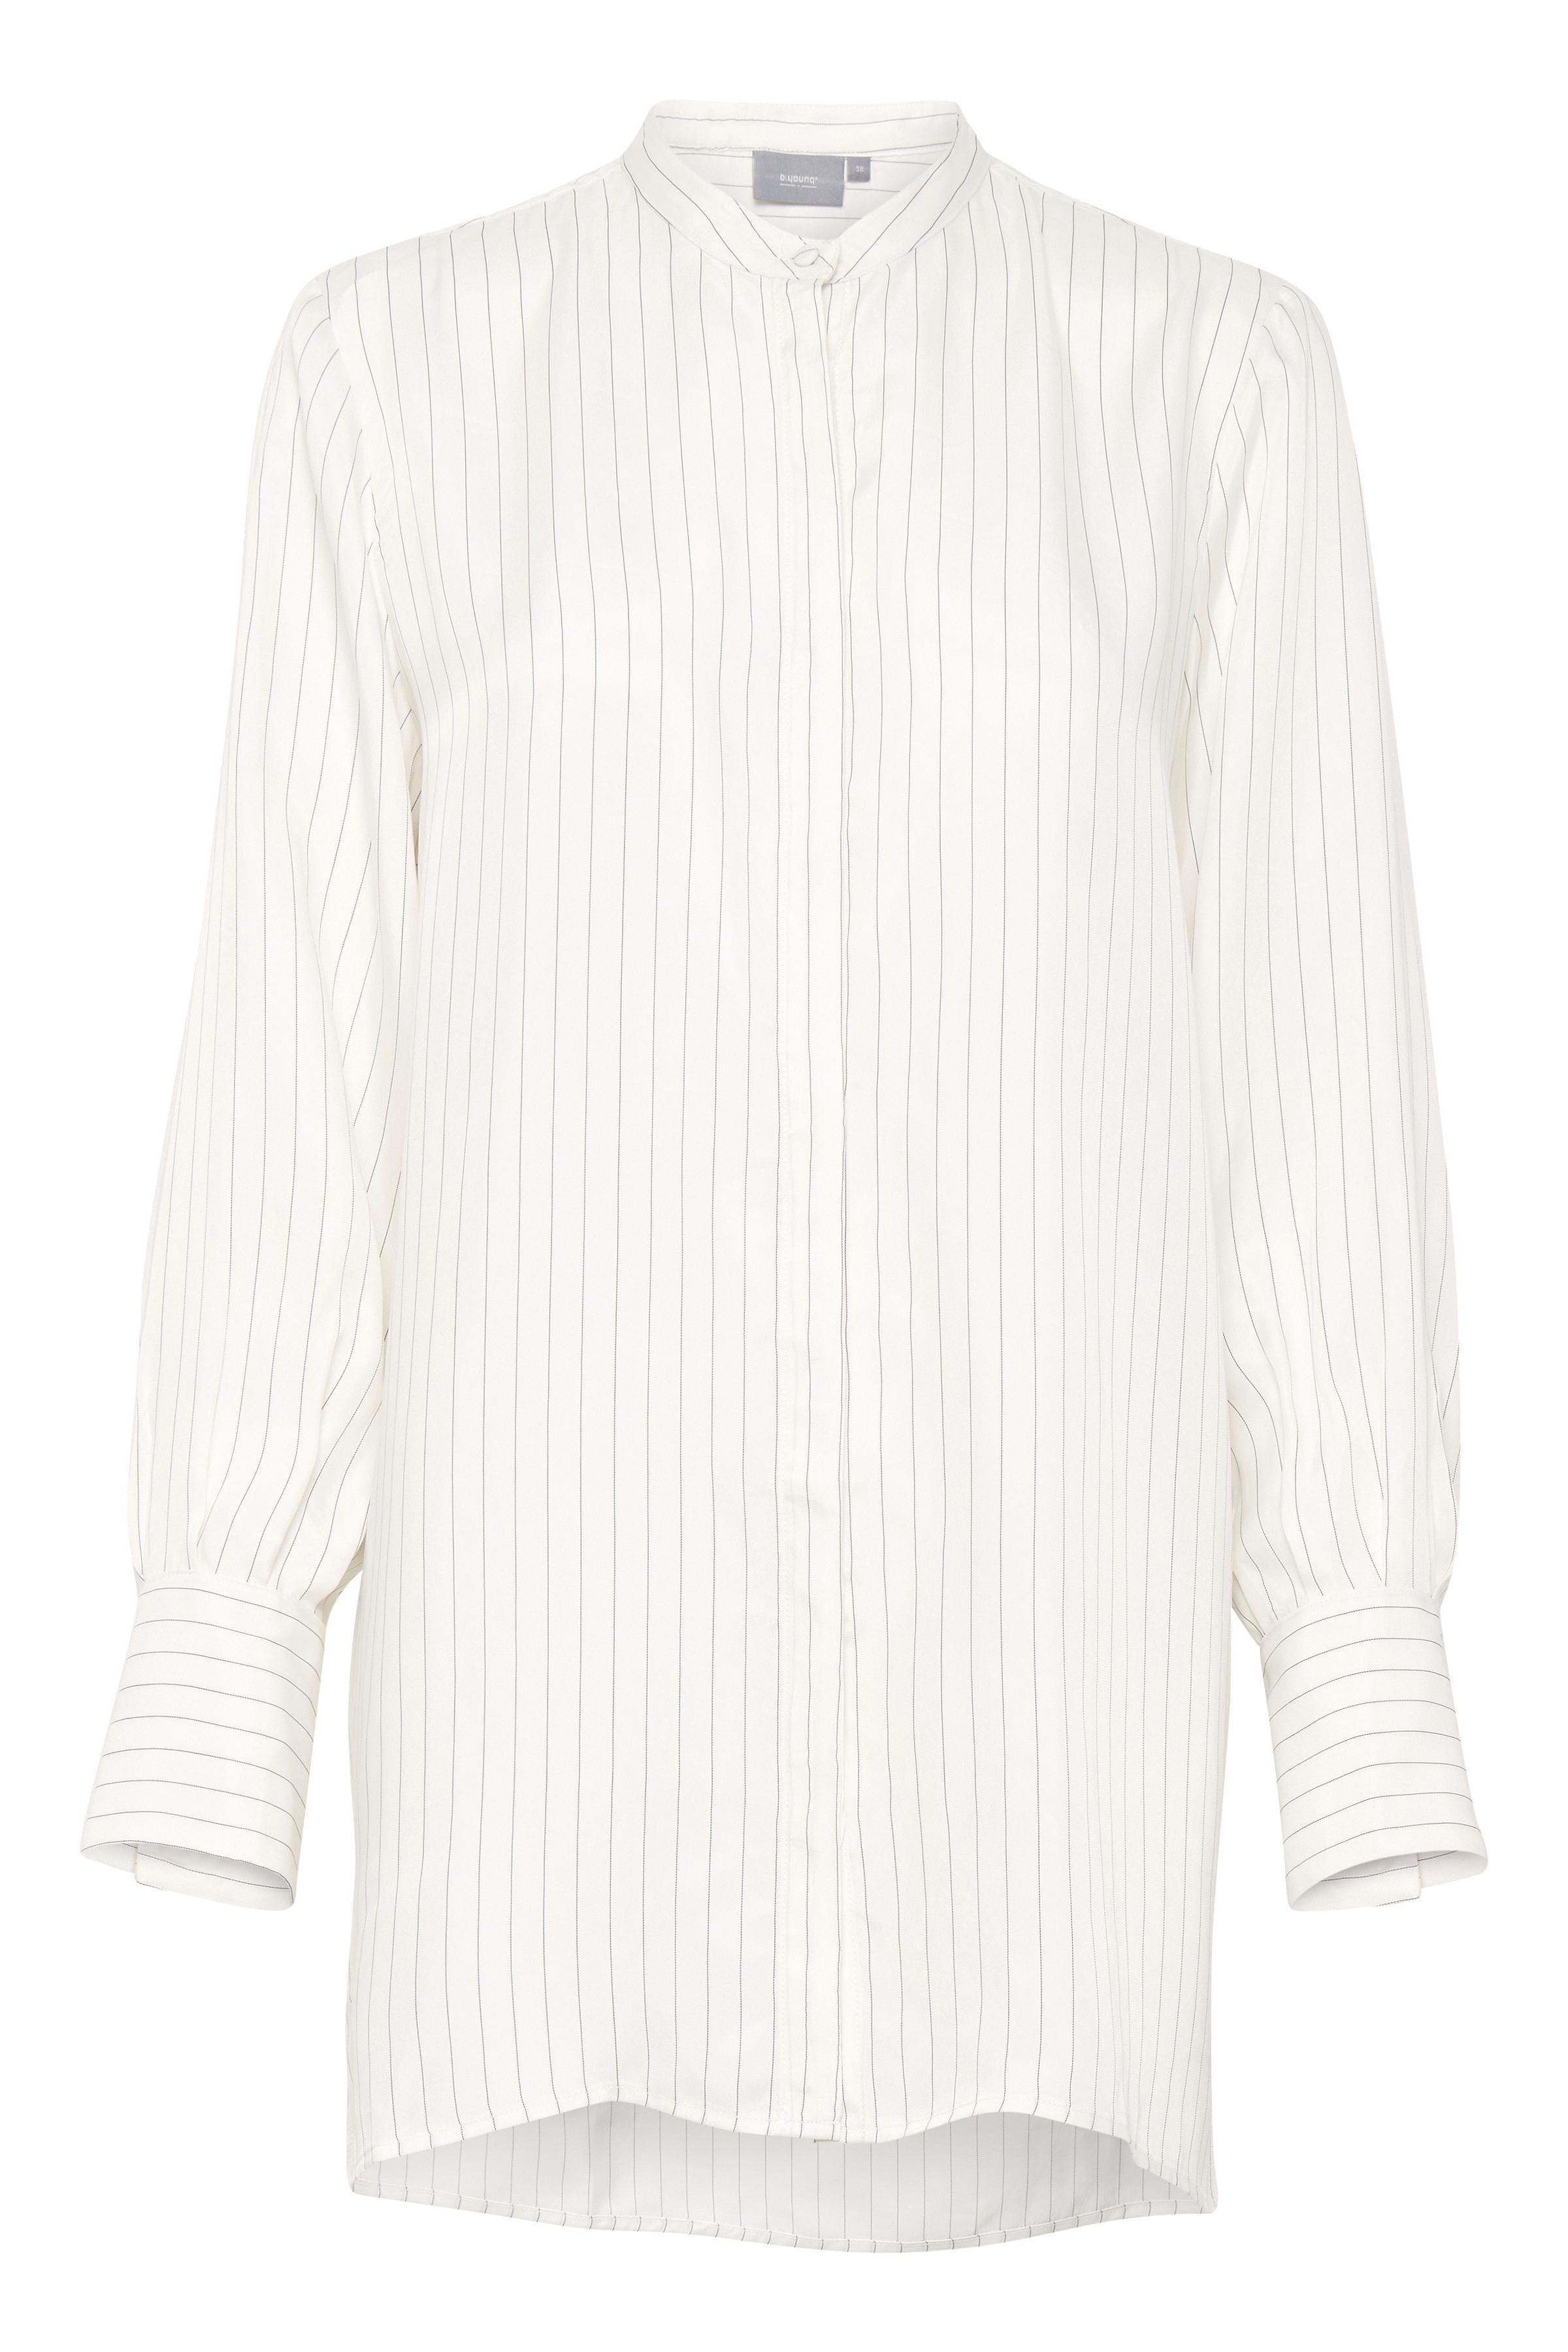 Off White Langærmet skjorte fra b.young – Køb Off White Langærmet skjorte fra str. 36-46 her